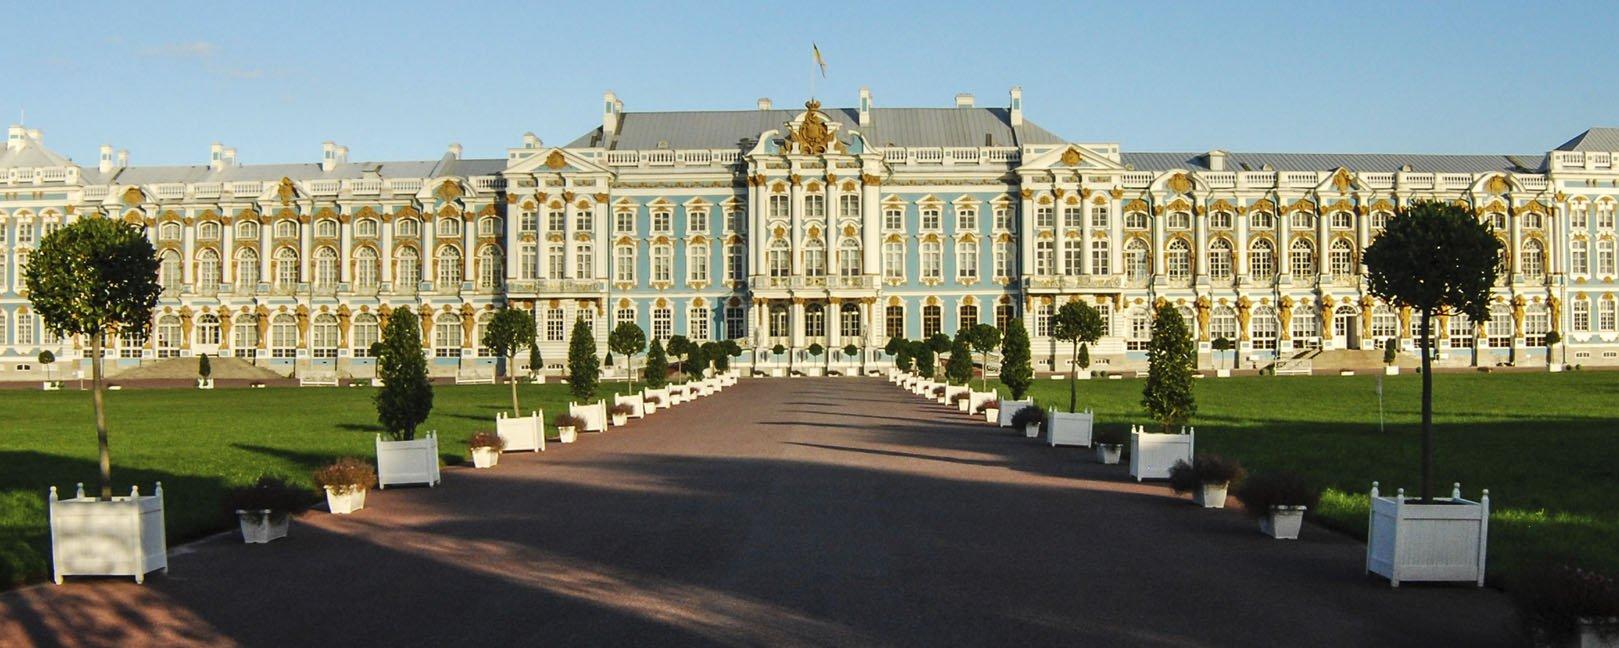 СанктПетербург Пушкинский район  Не сидится  клуб